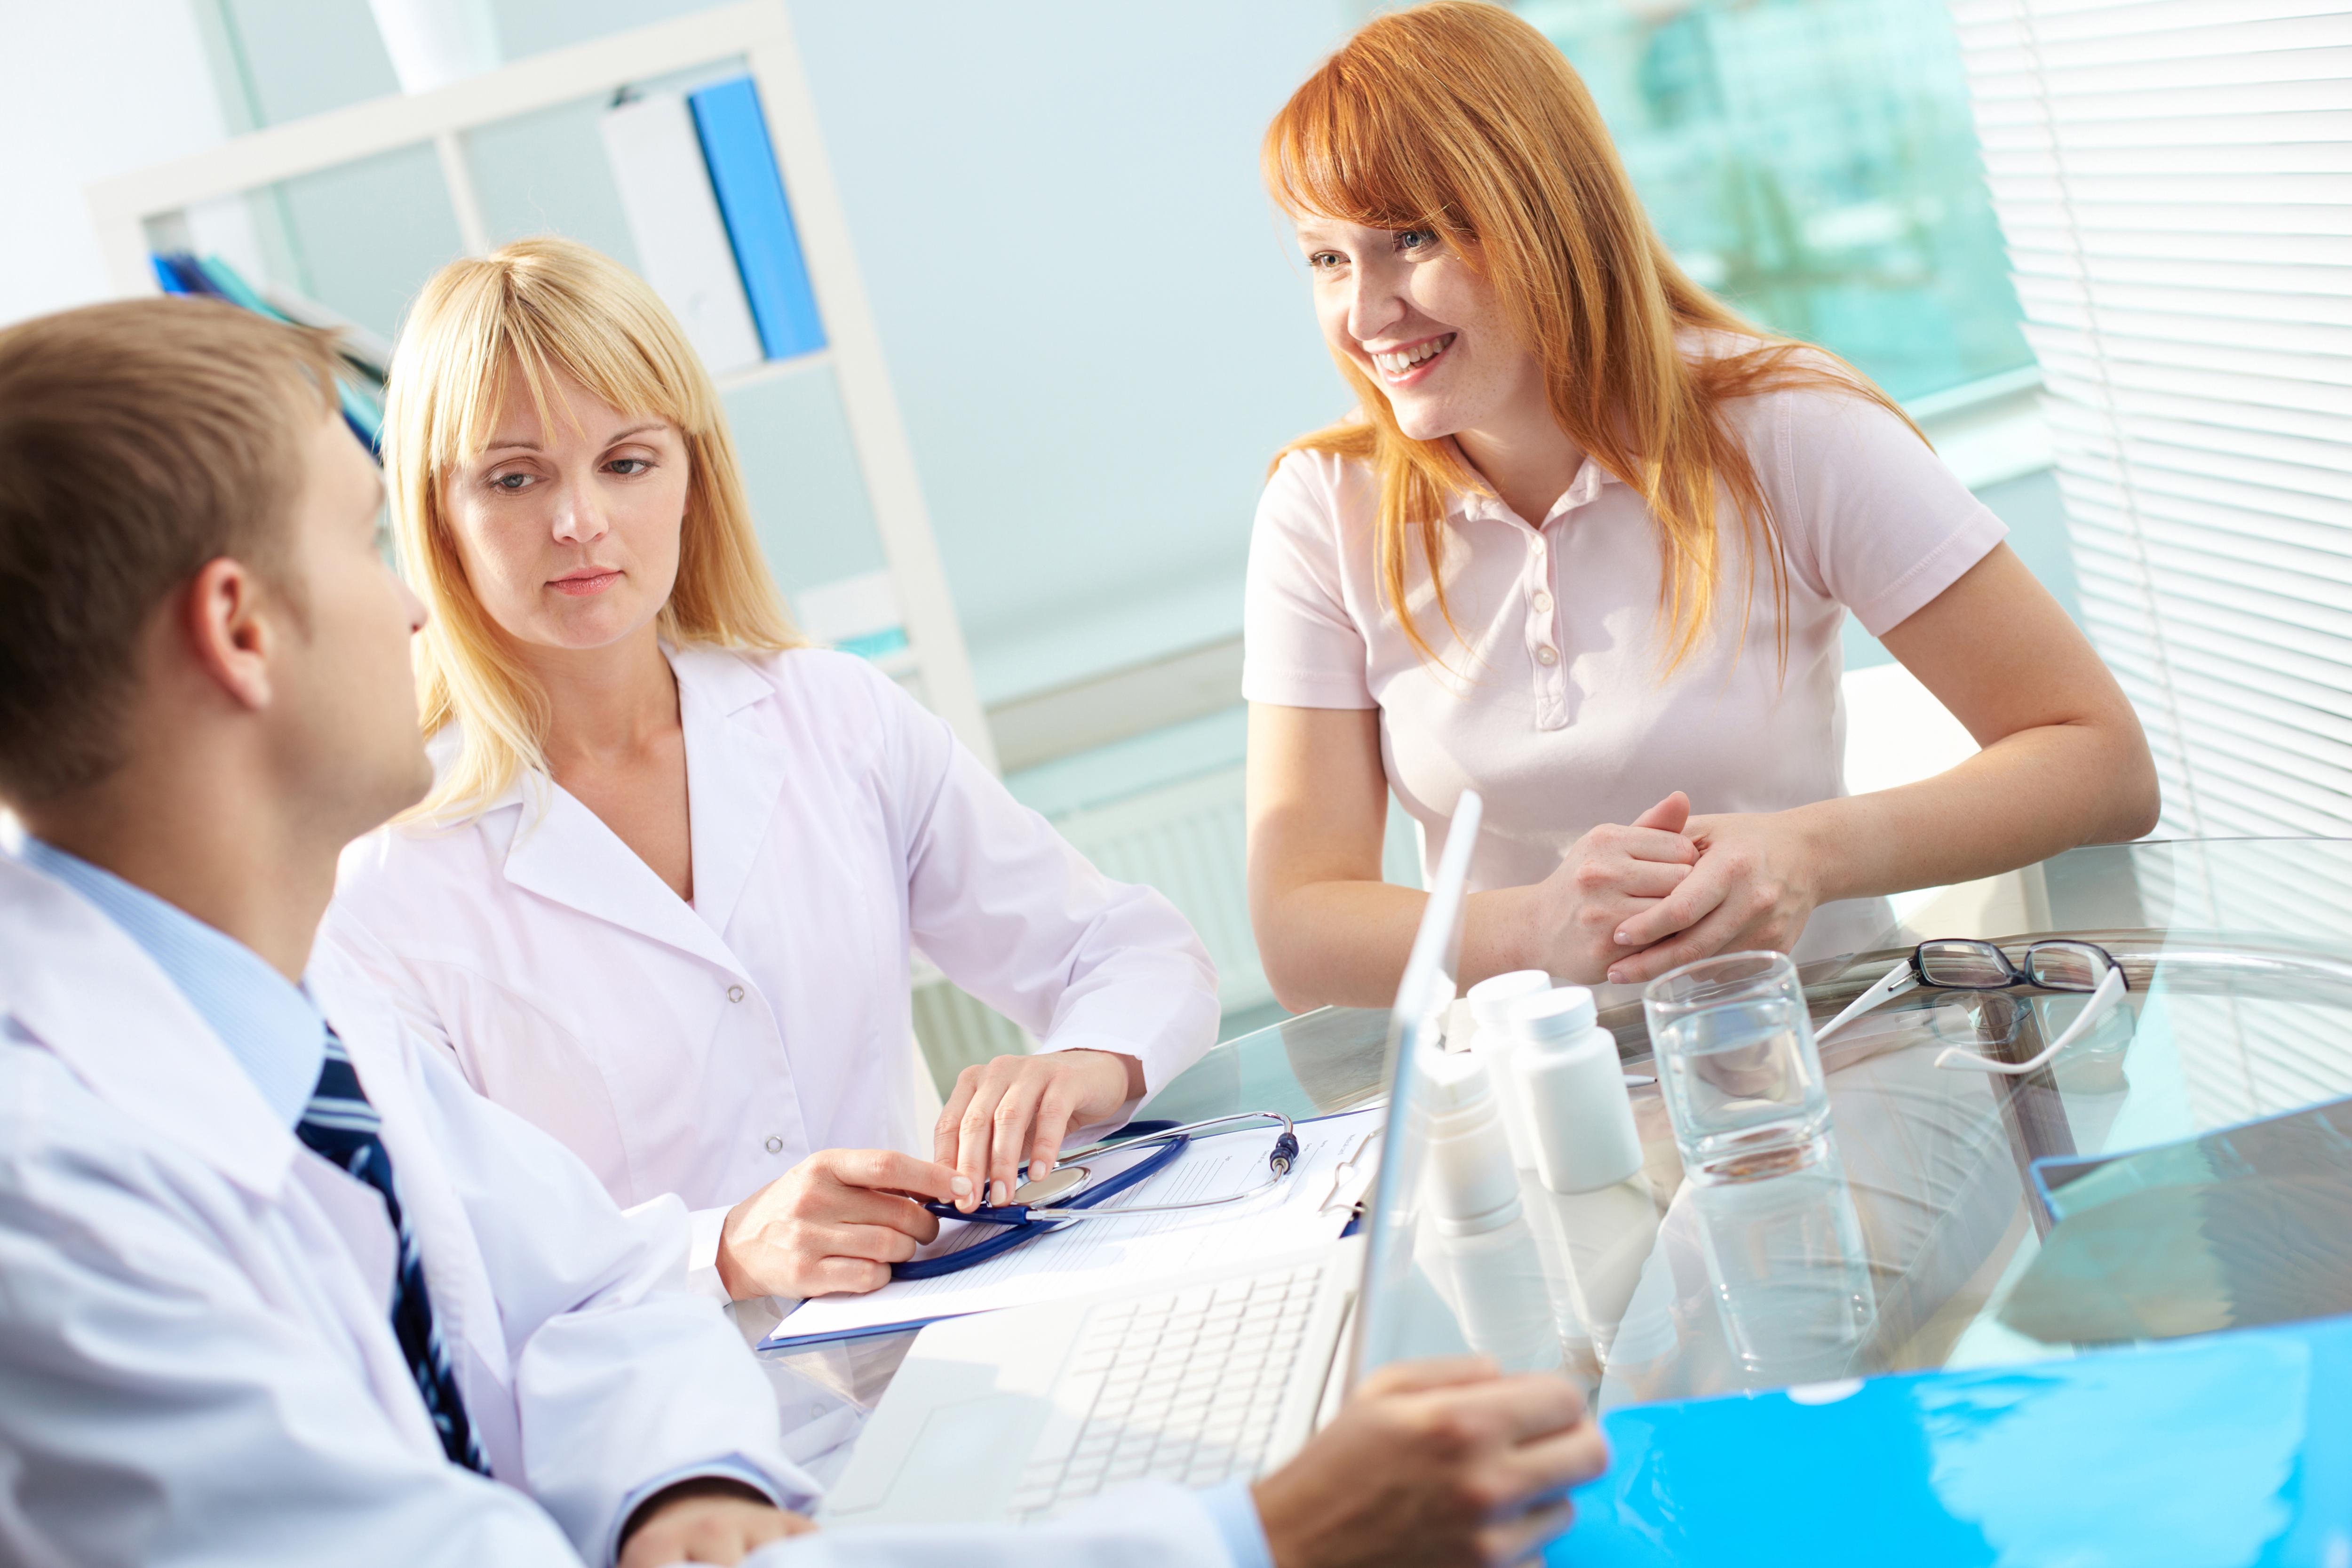 Subdomenii medicale in care poate profesa un asistent medical. Partea a 8-a